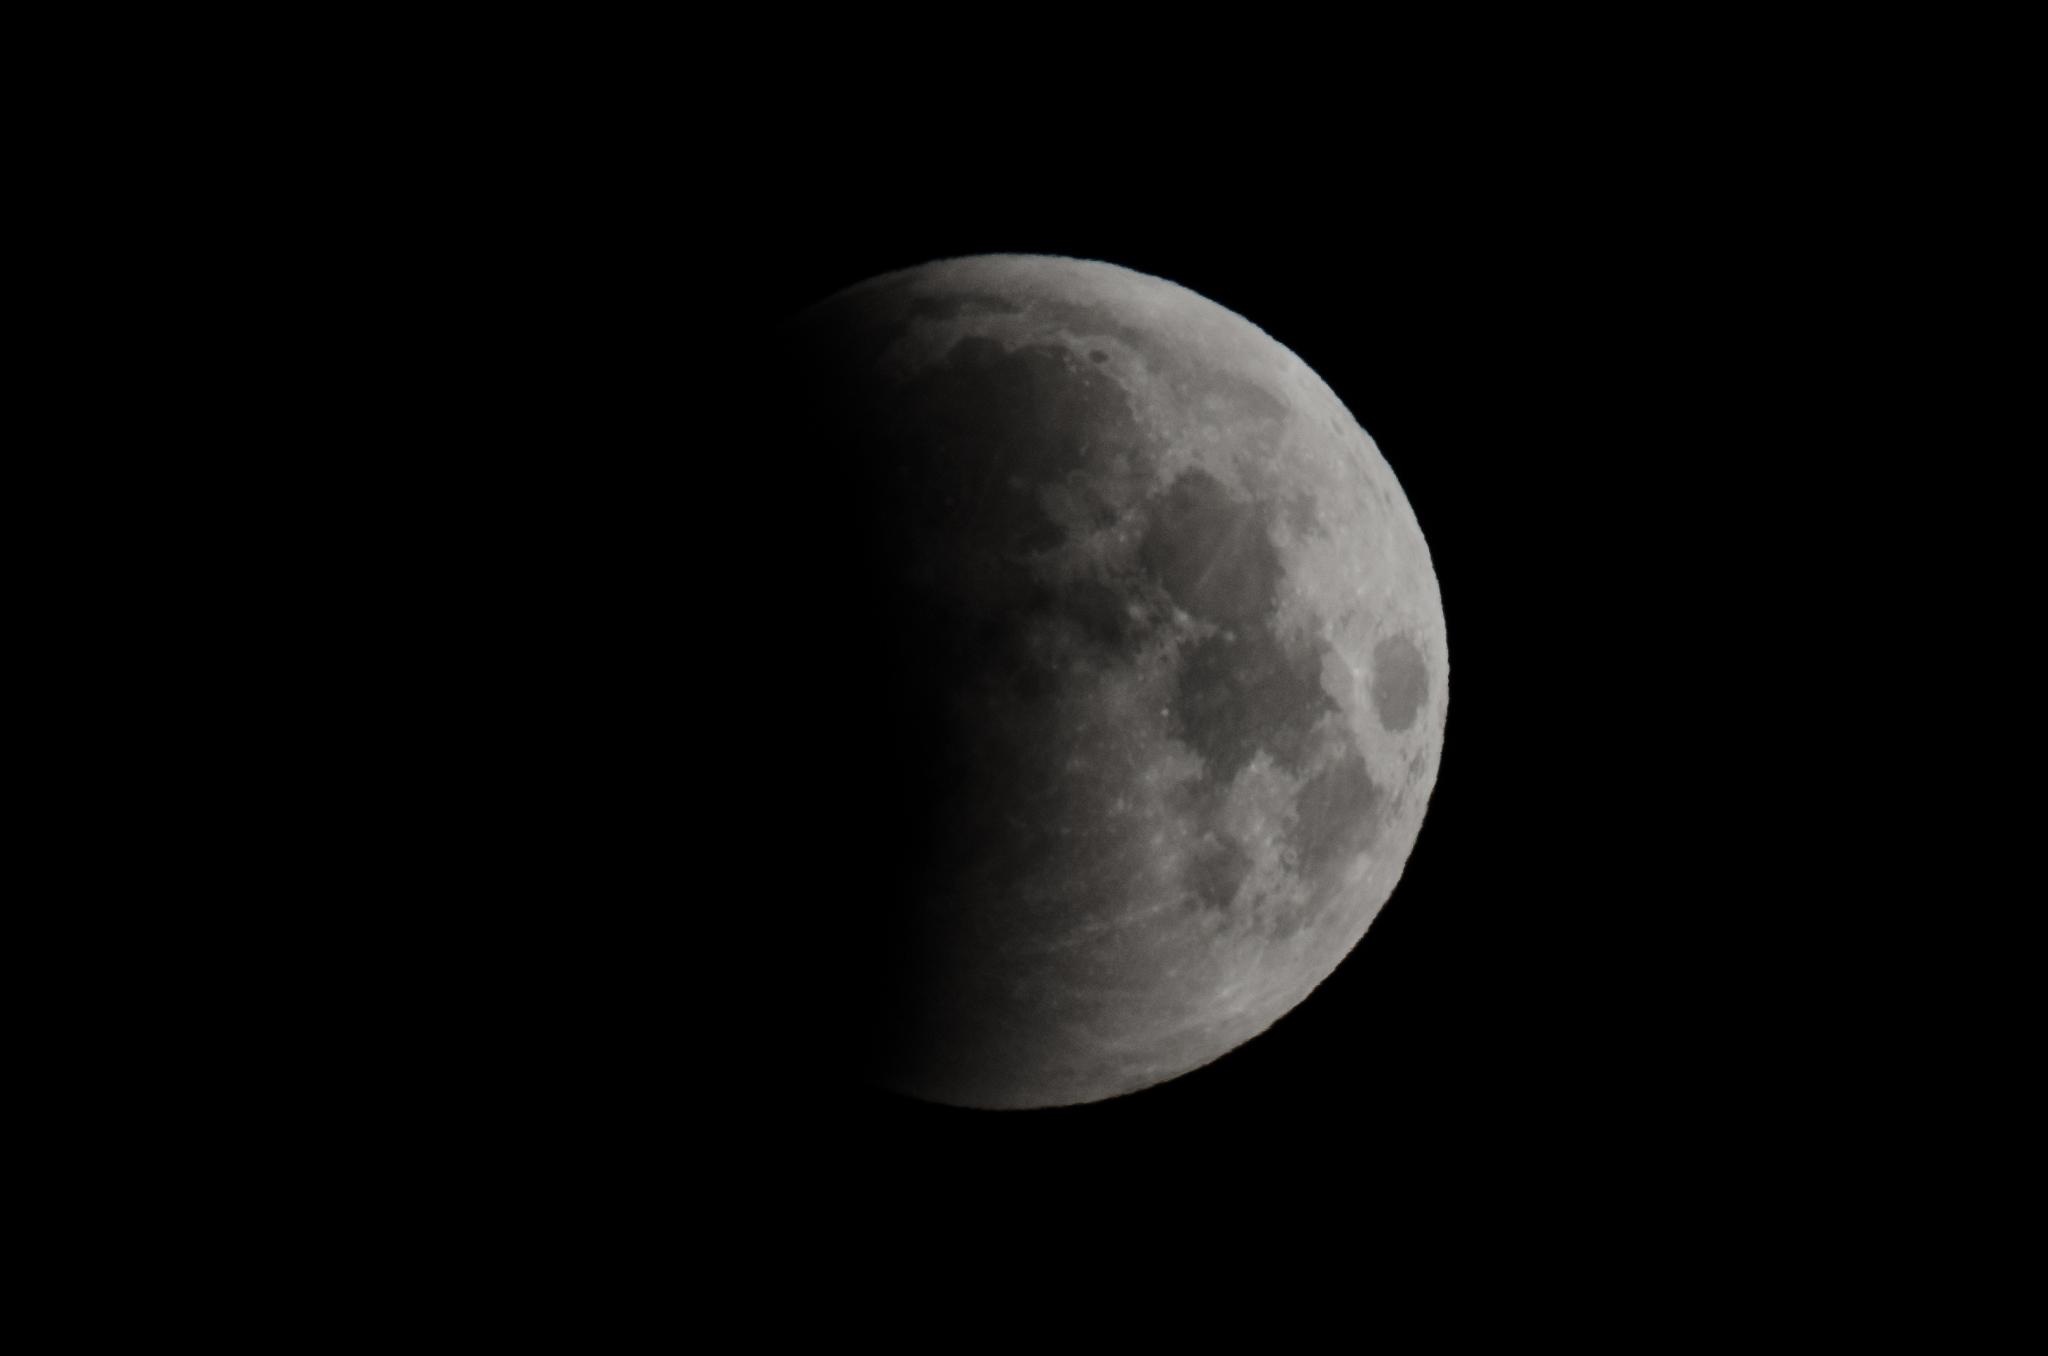 Lunar Eclipse 06:45 AM  EDT  Nikon D7000 ISO 250 600mm f/14 1/125 sec.